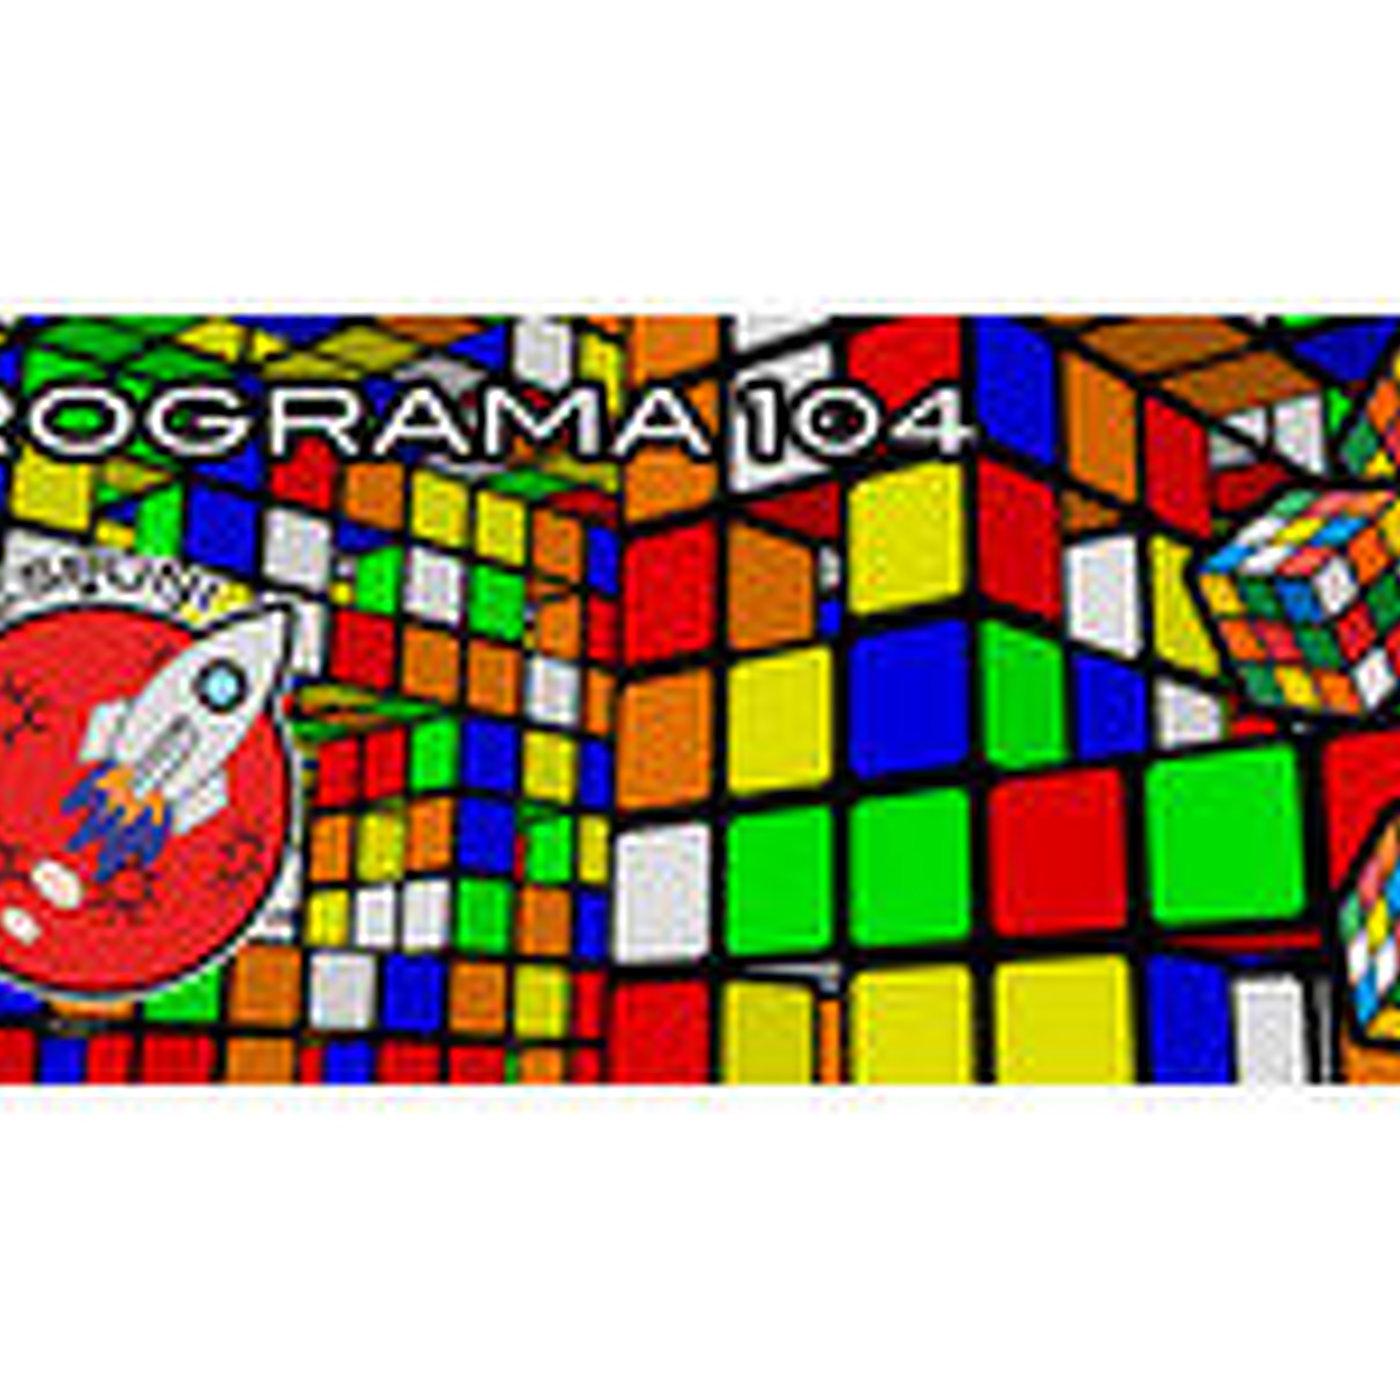 Programa 104 - Curiosidades del cubo de Rubik para no desesperarte con su reto